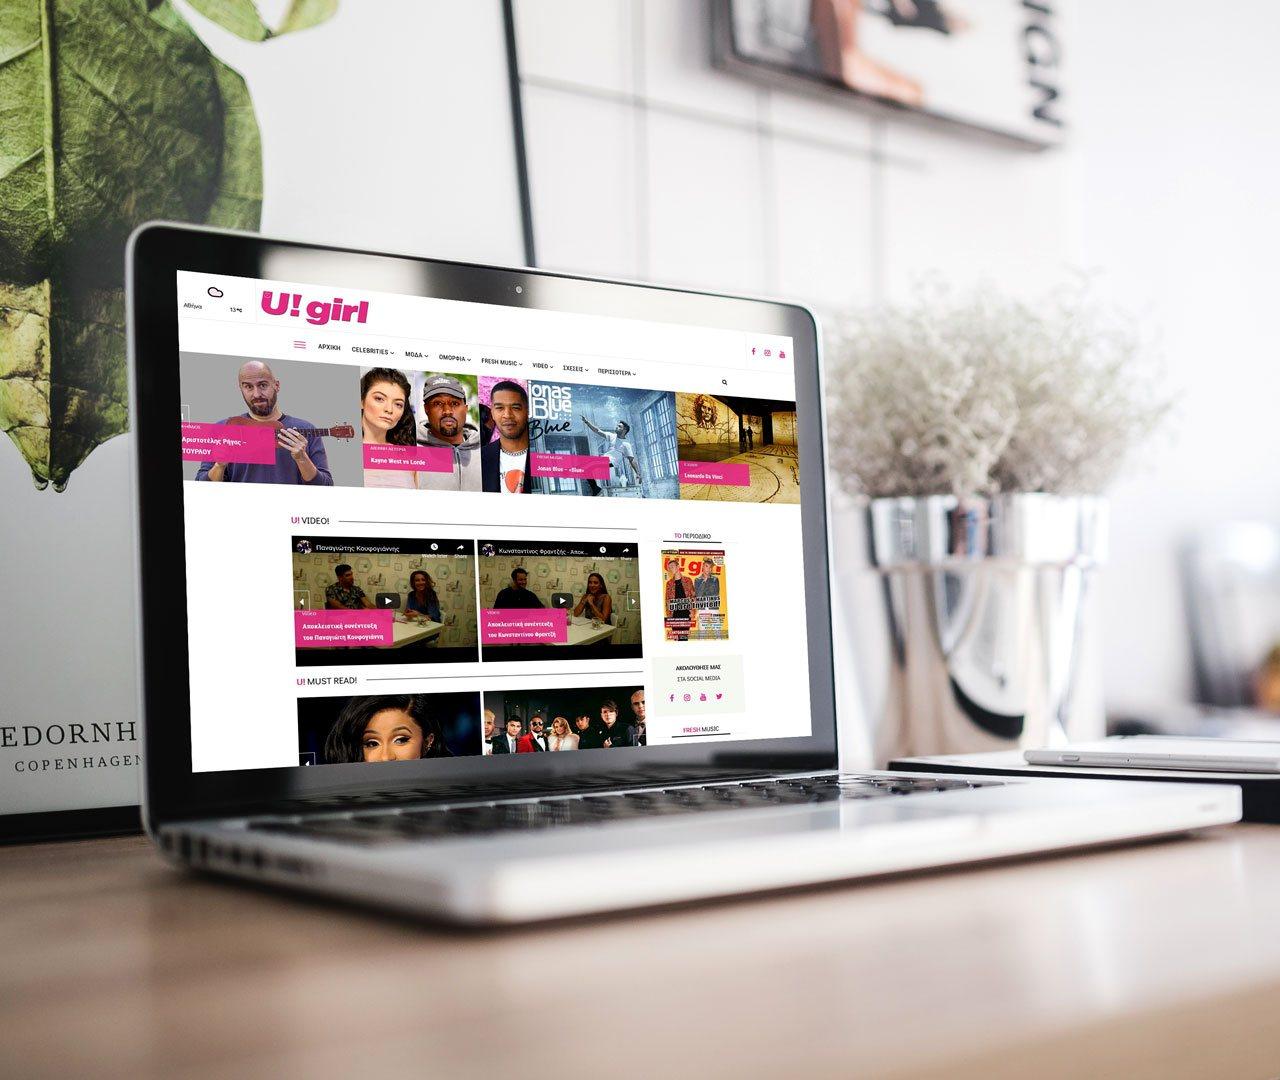 U!girl Magazine Website